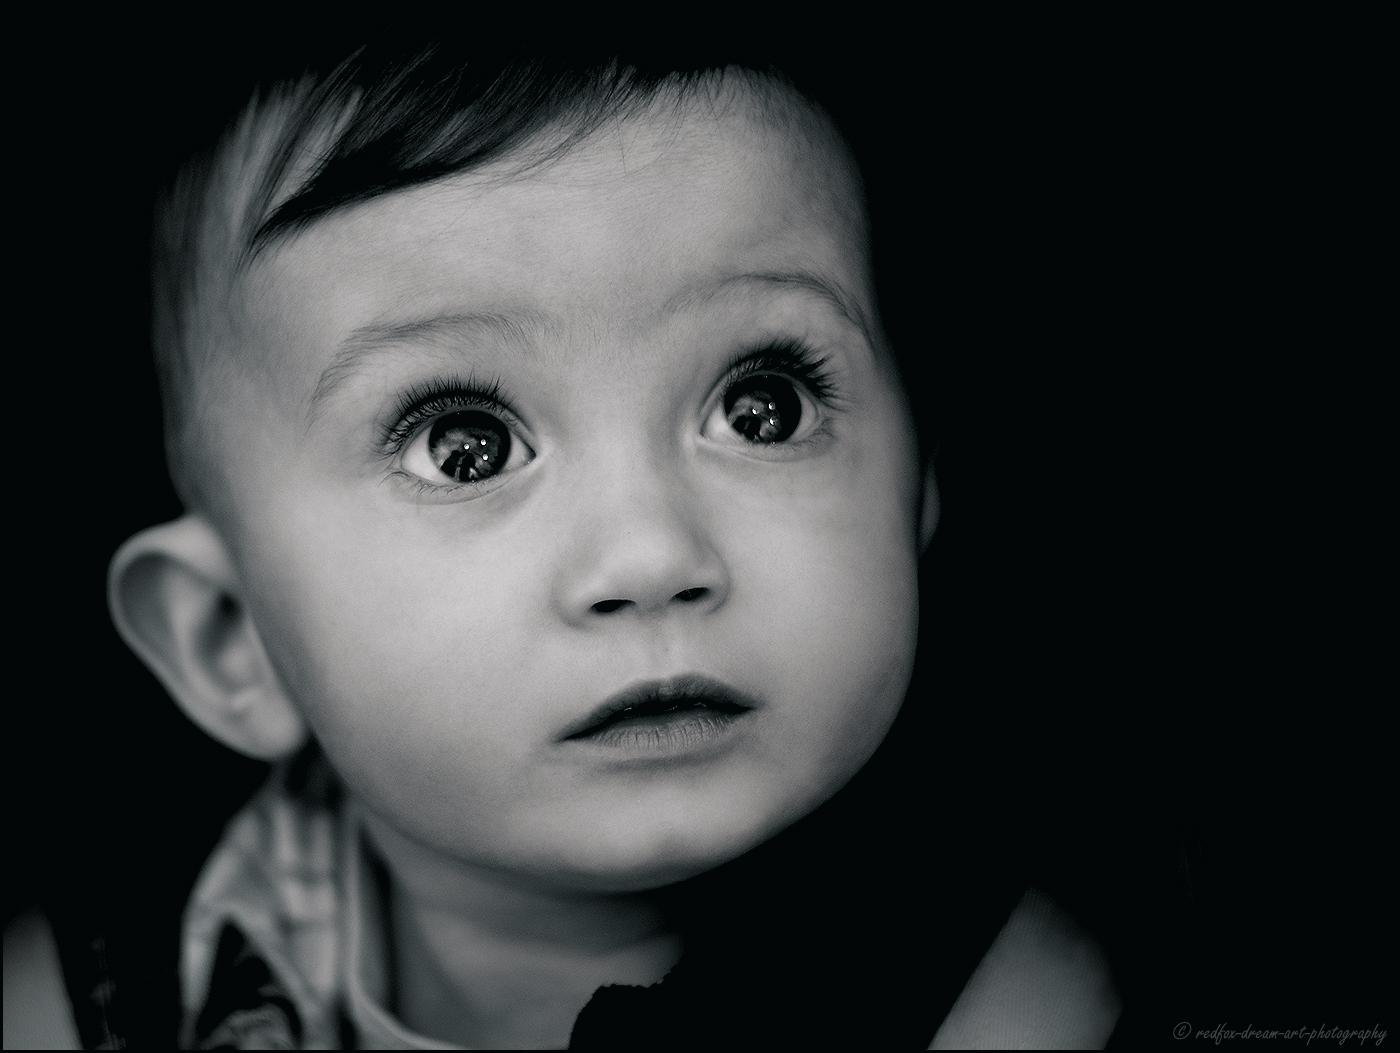 Gli occhi dei bambini non mentono mai..............